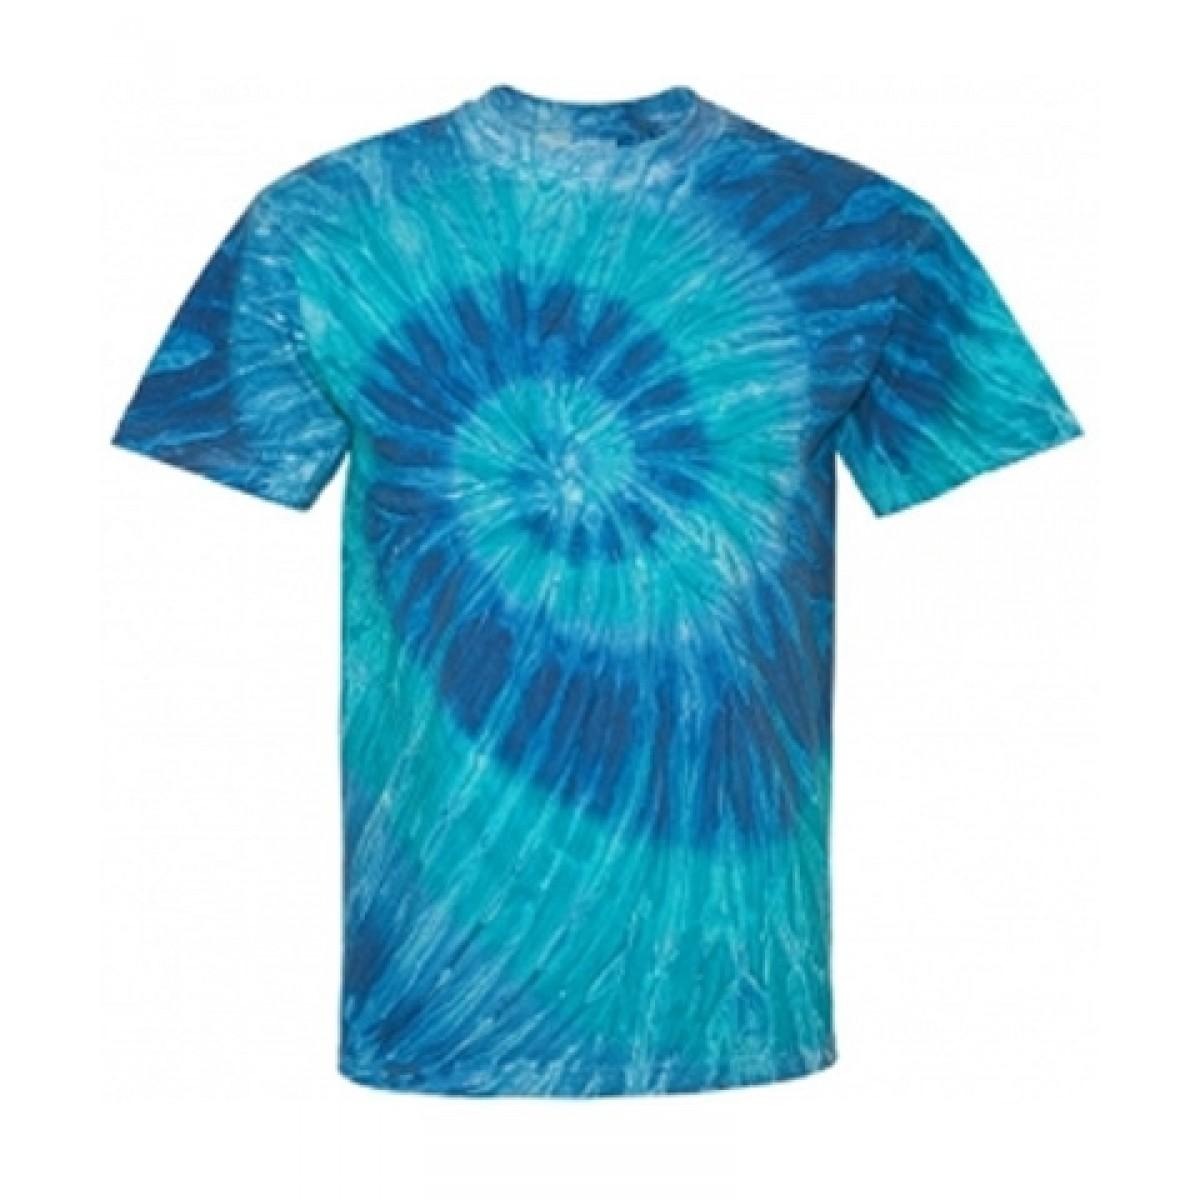 Blue or Black Ripple Tie Dye T-Shirt-Scuba Blue -YL